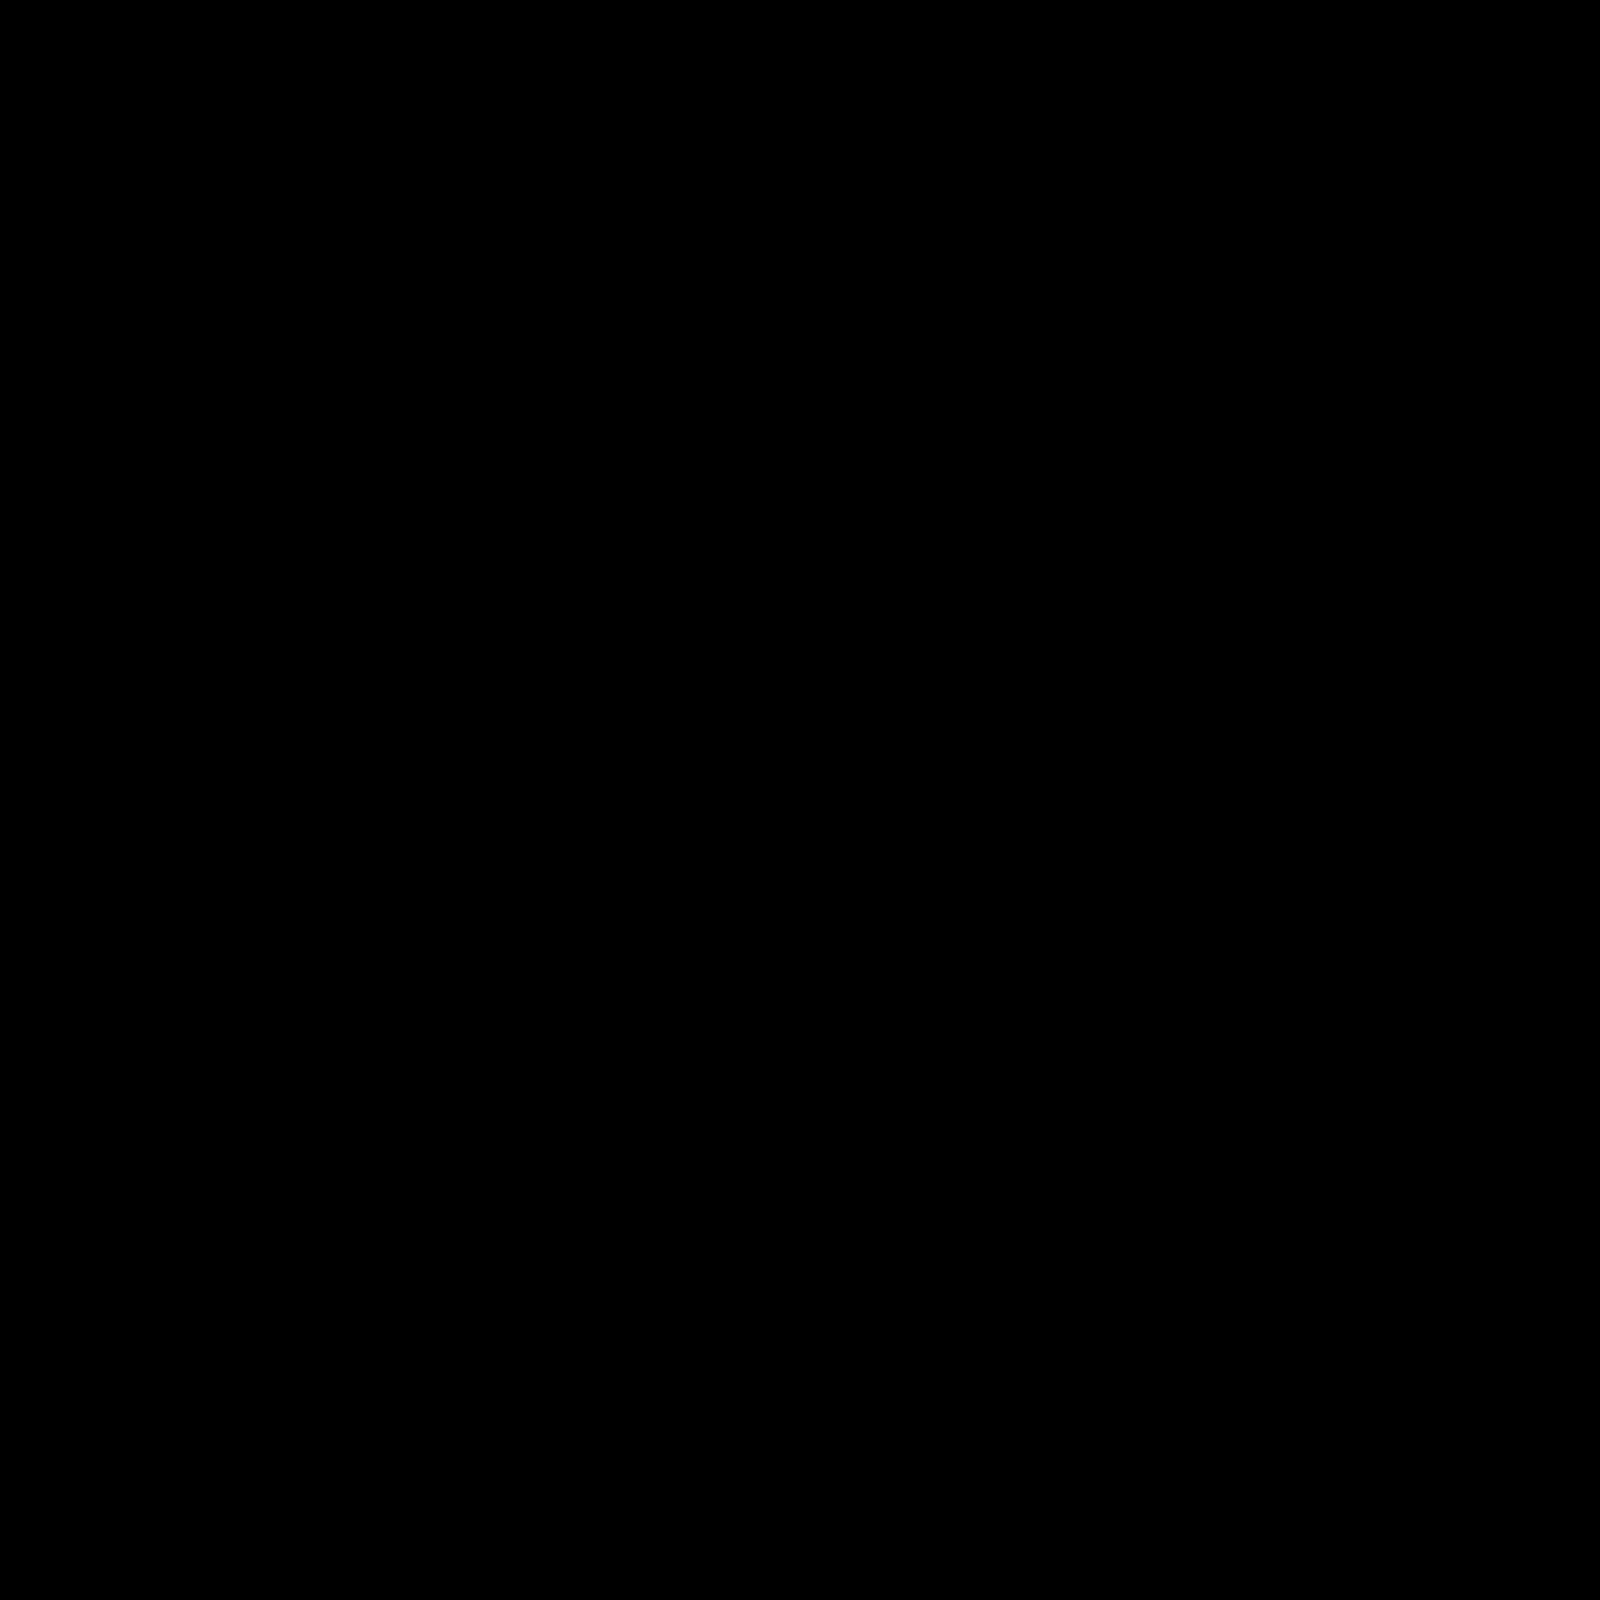 ハンドダウン icon